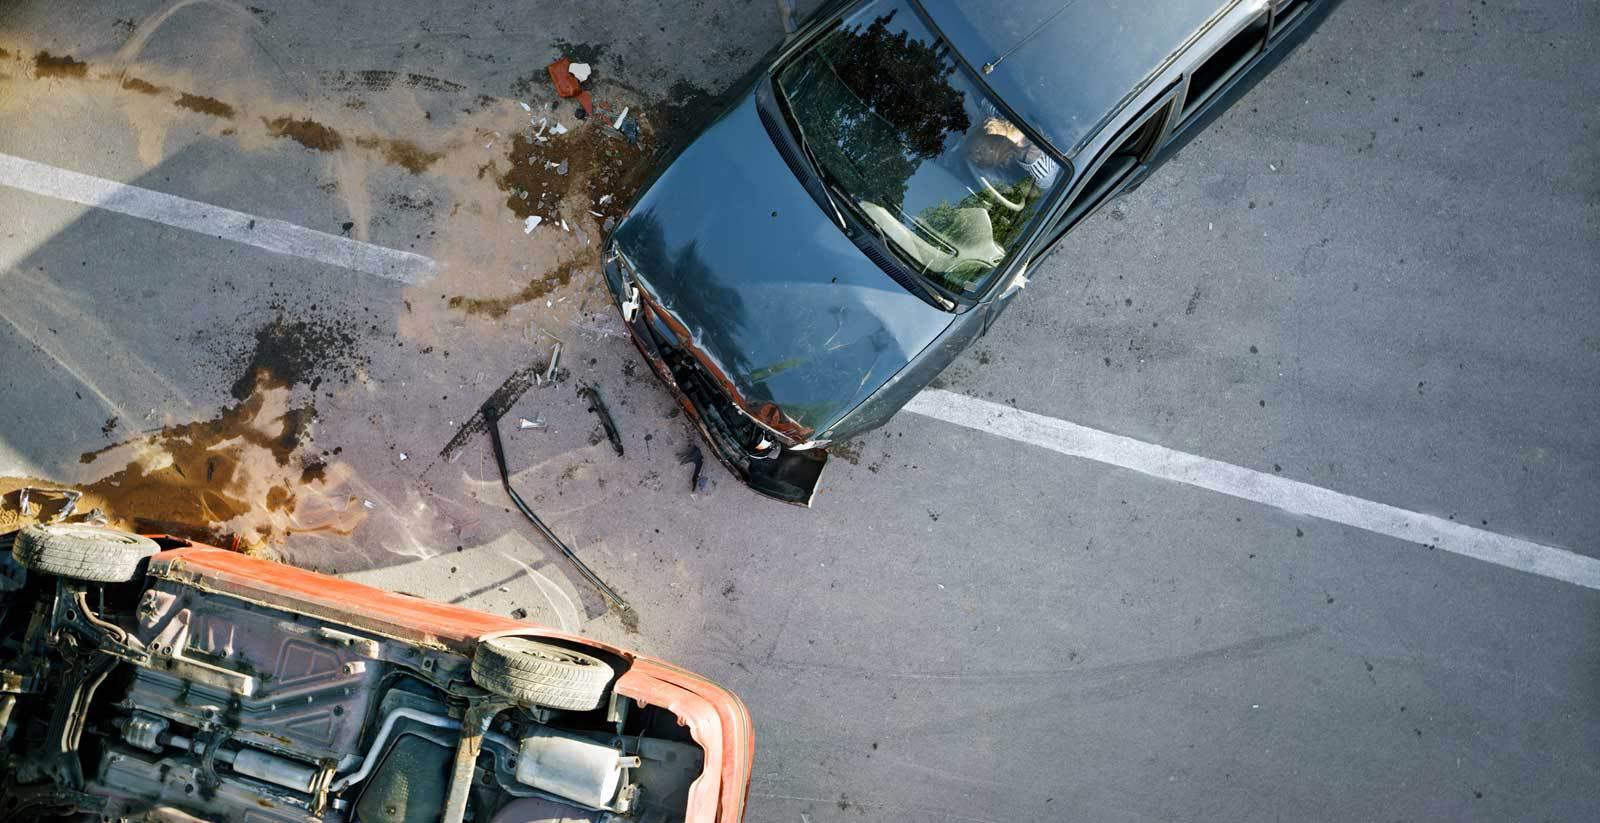 Les accidents de la route coûtent cher à l'État et aux assureurs